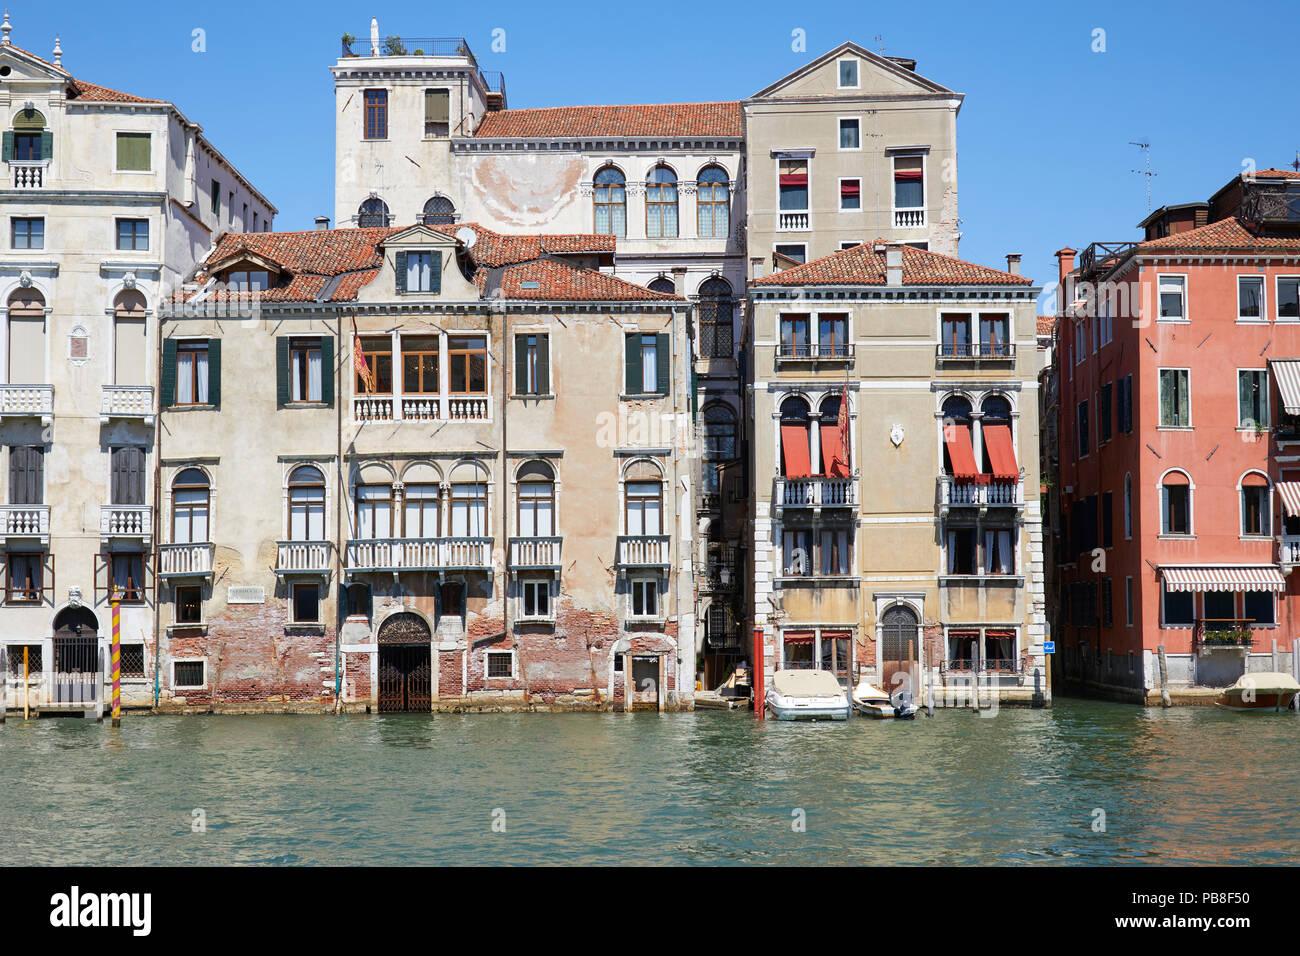 Venezia facciate di edifici e canal in una giornata di sole in Italia, nessuno Immagini Stock